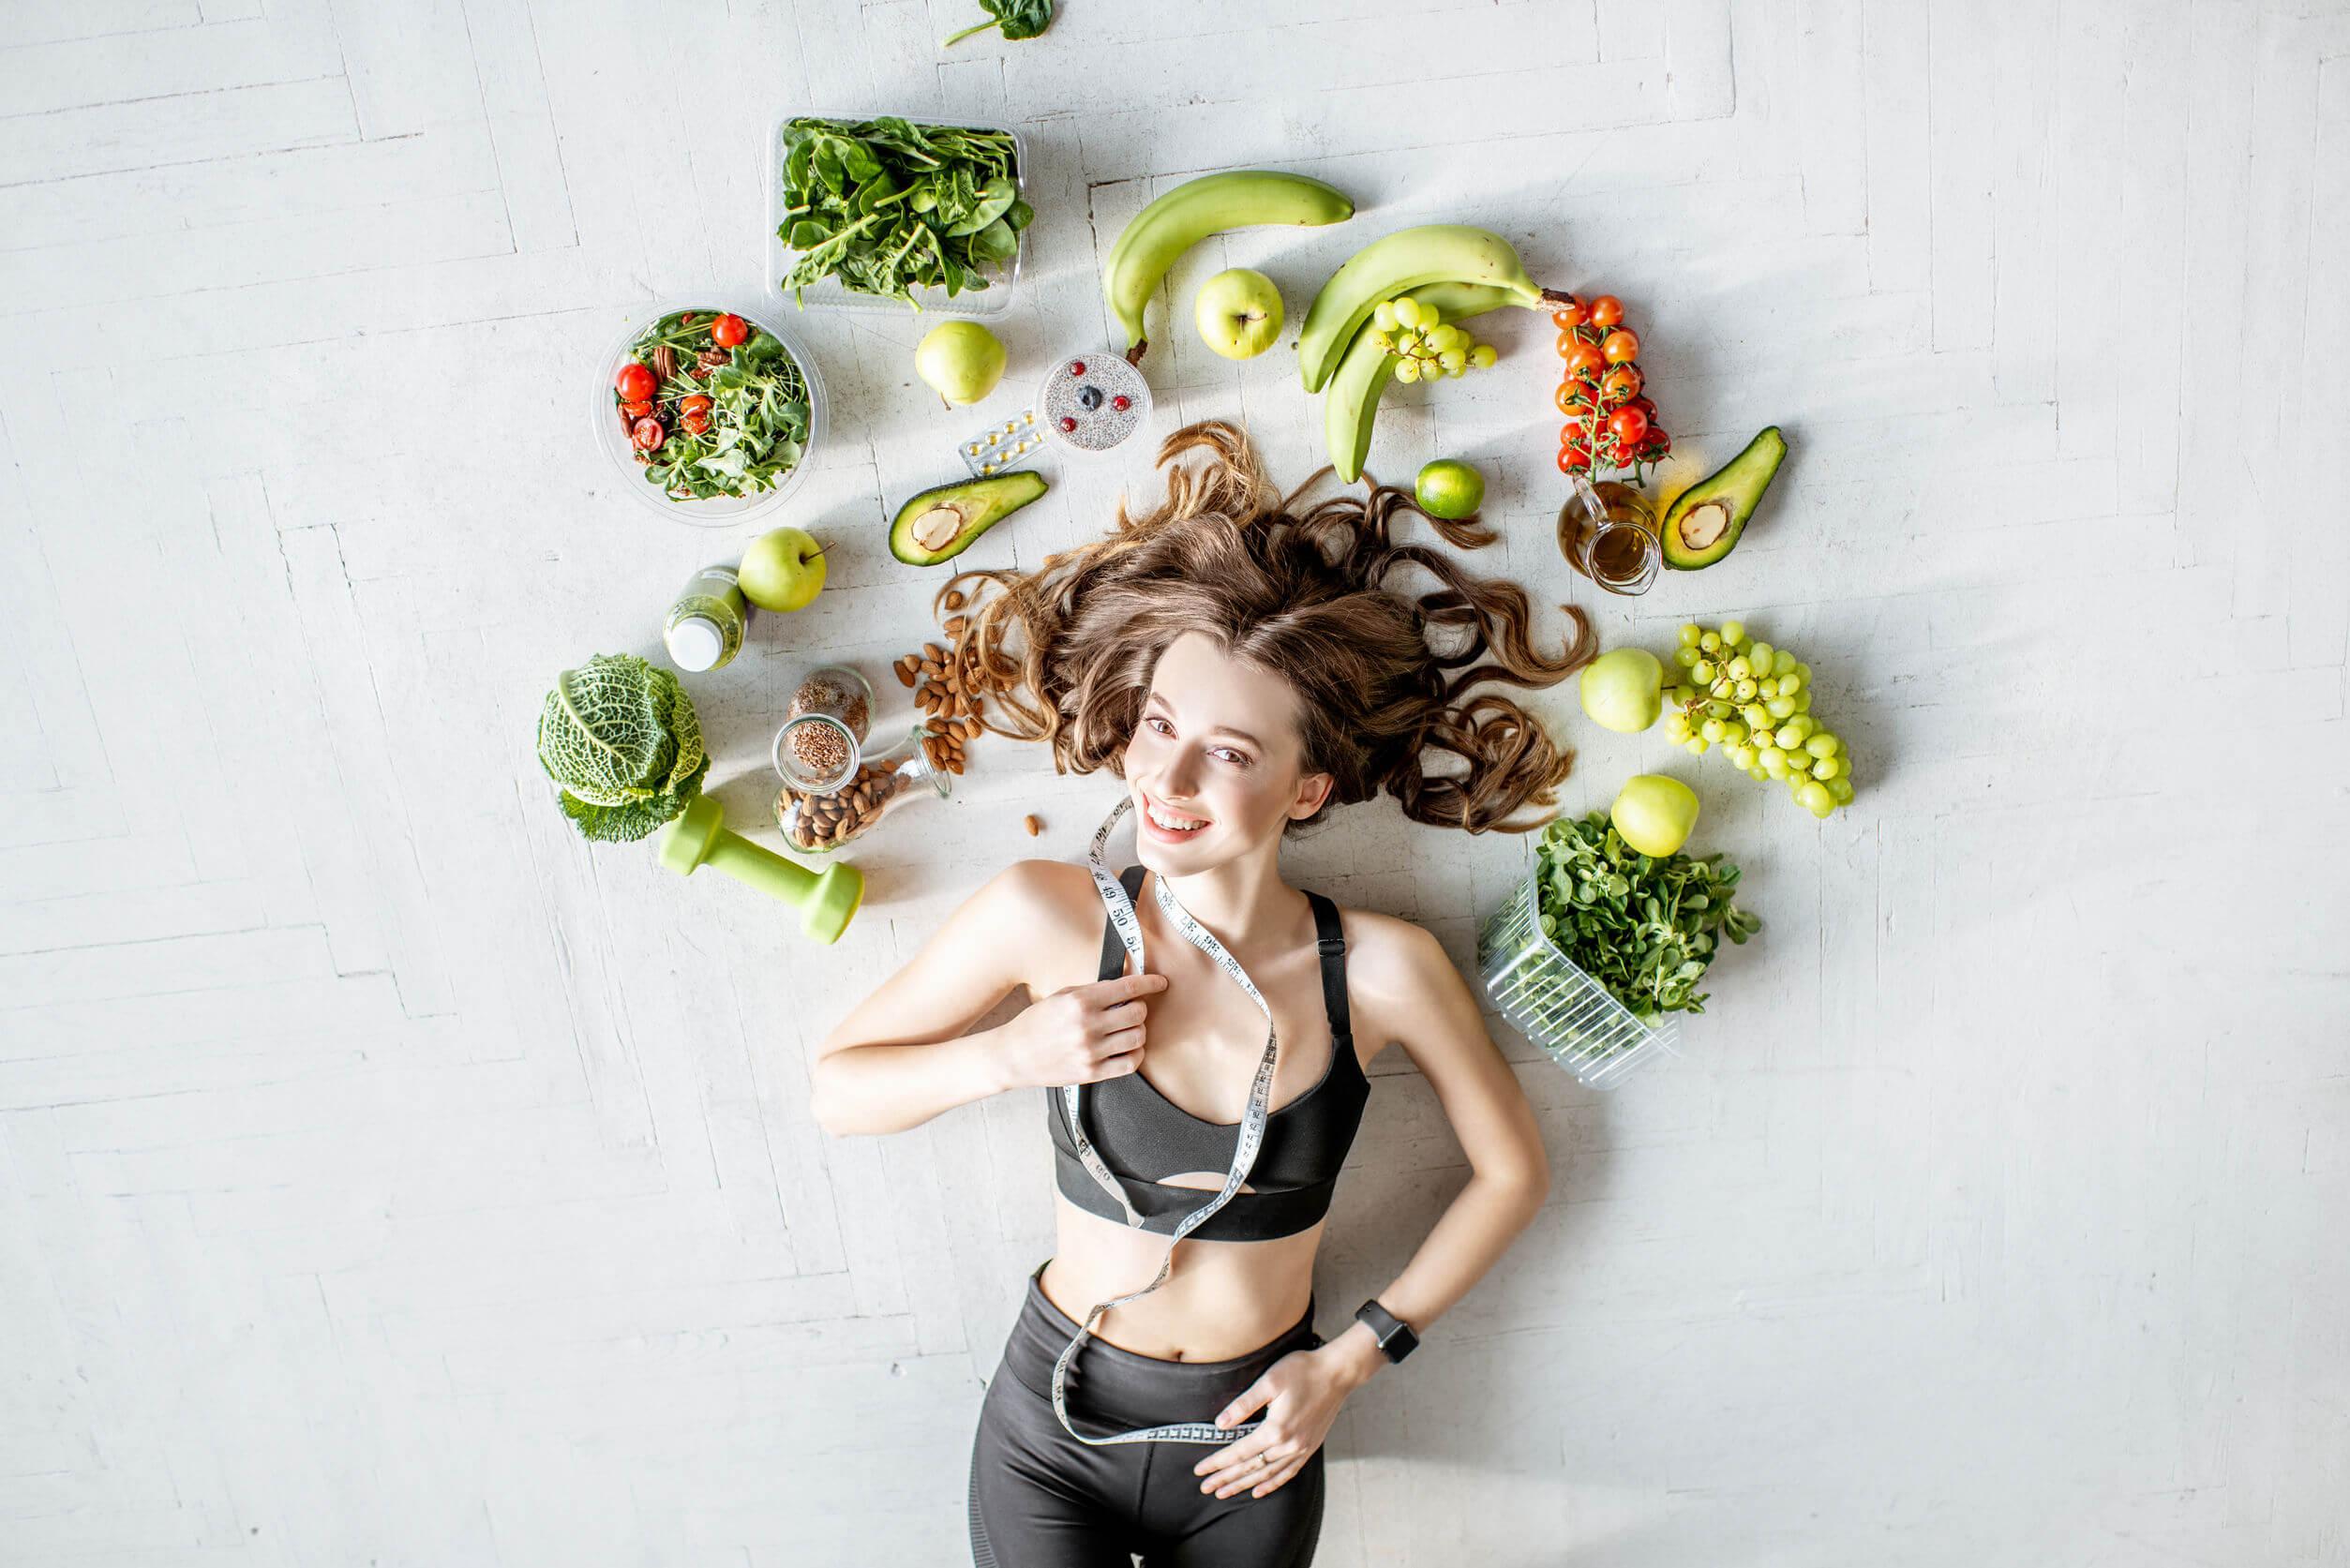 5 dietas de moda que ponen en riesgo tu salud